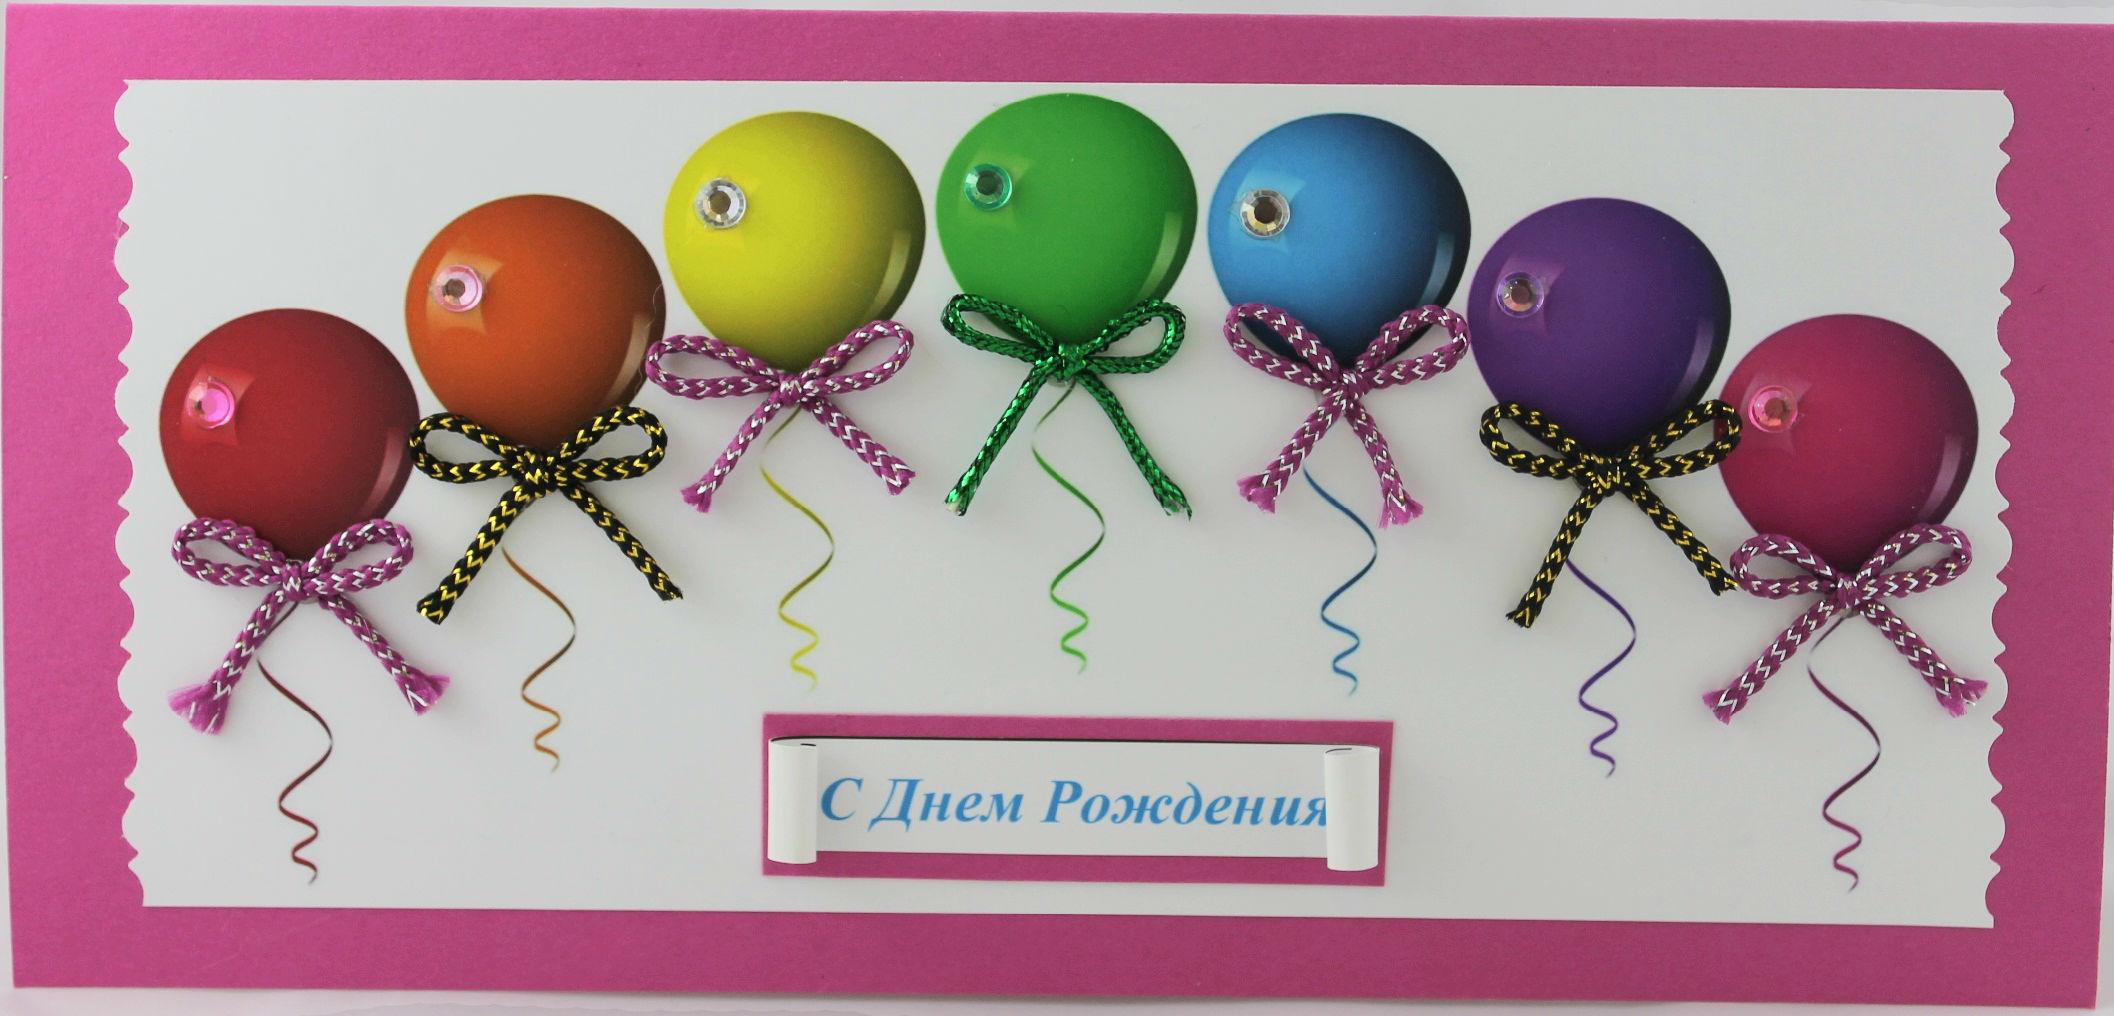 Картинка с днем рождения компании